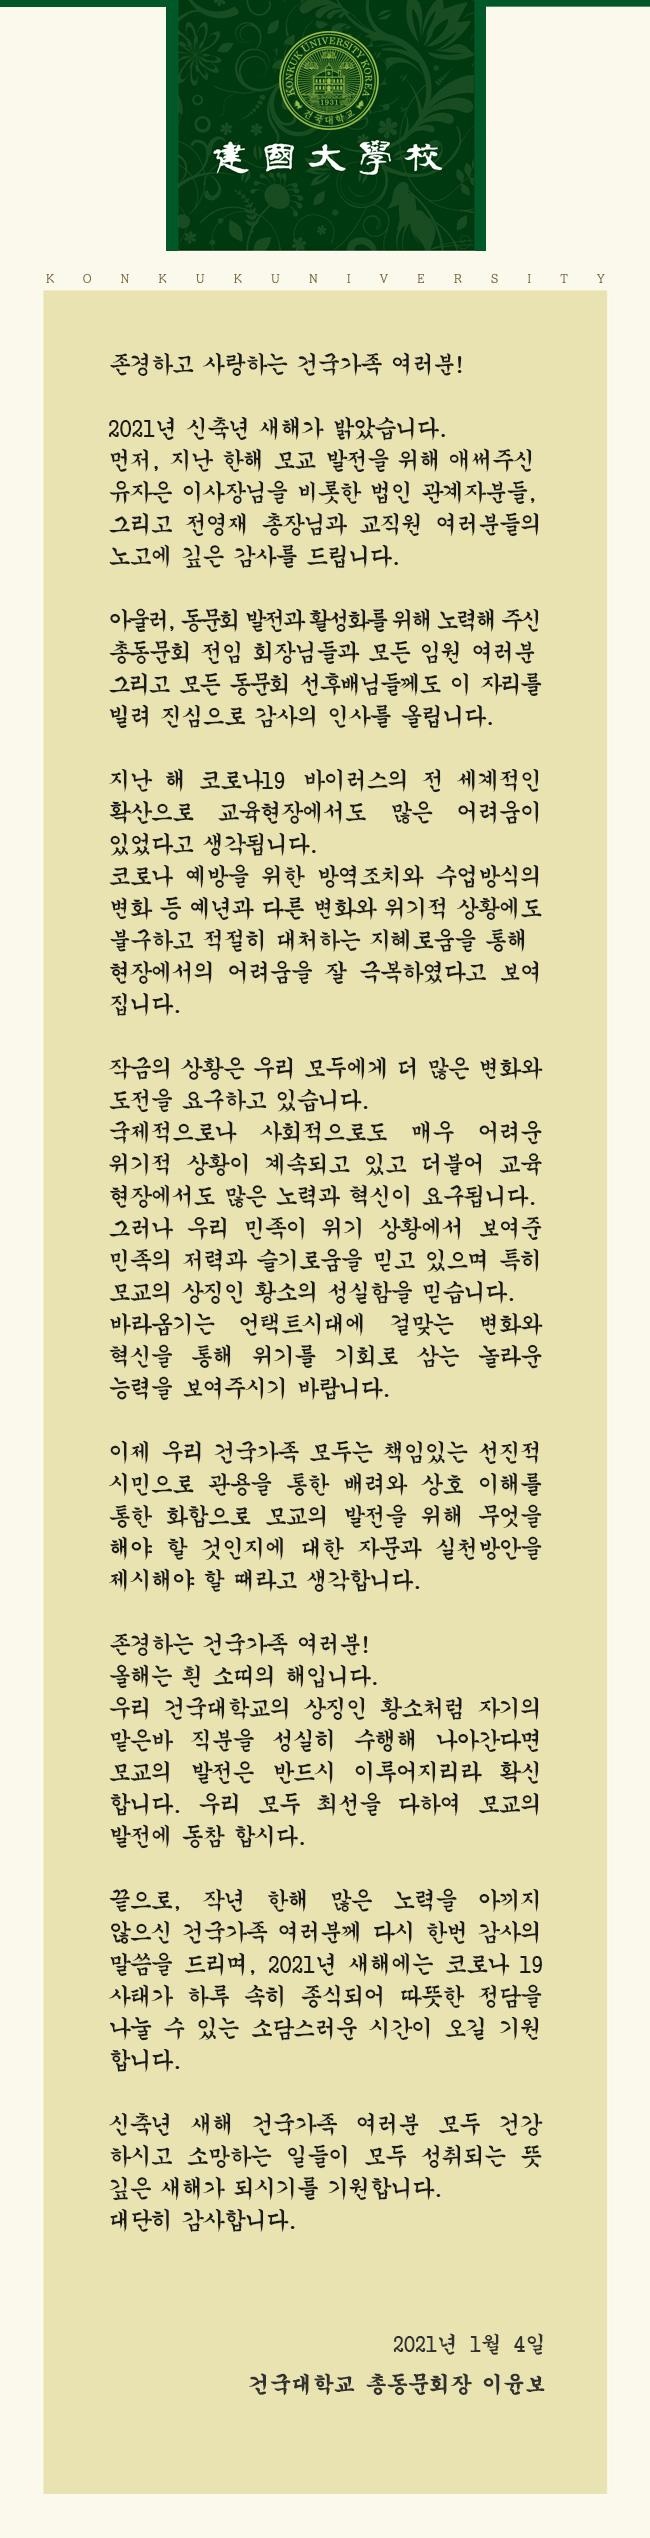 동문회장 신년사